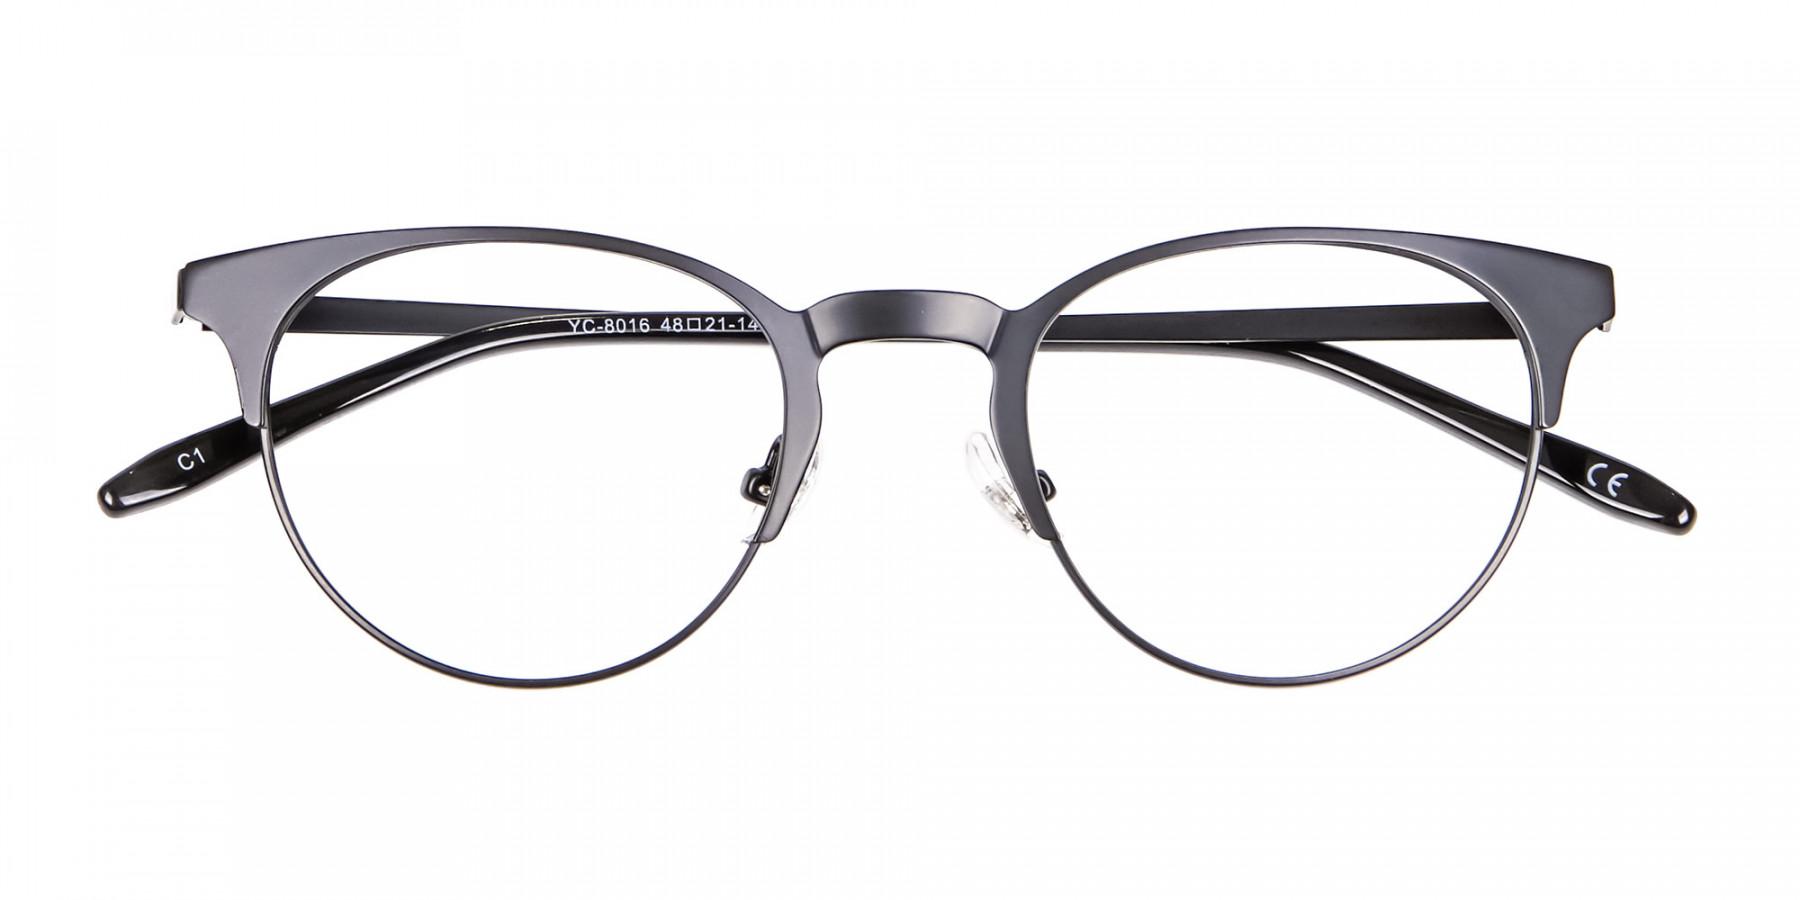 Black Cat Eye Eyeglasses Men -1